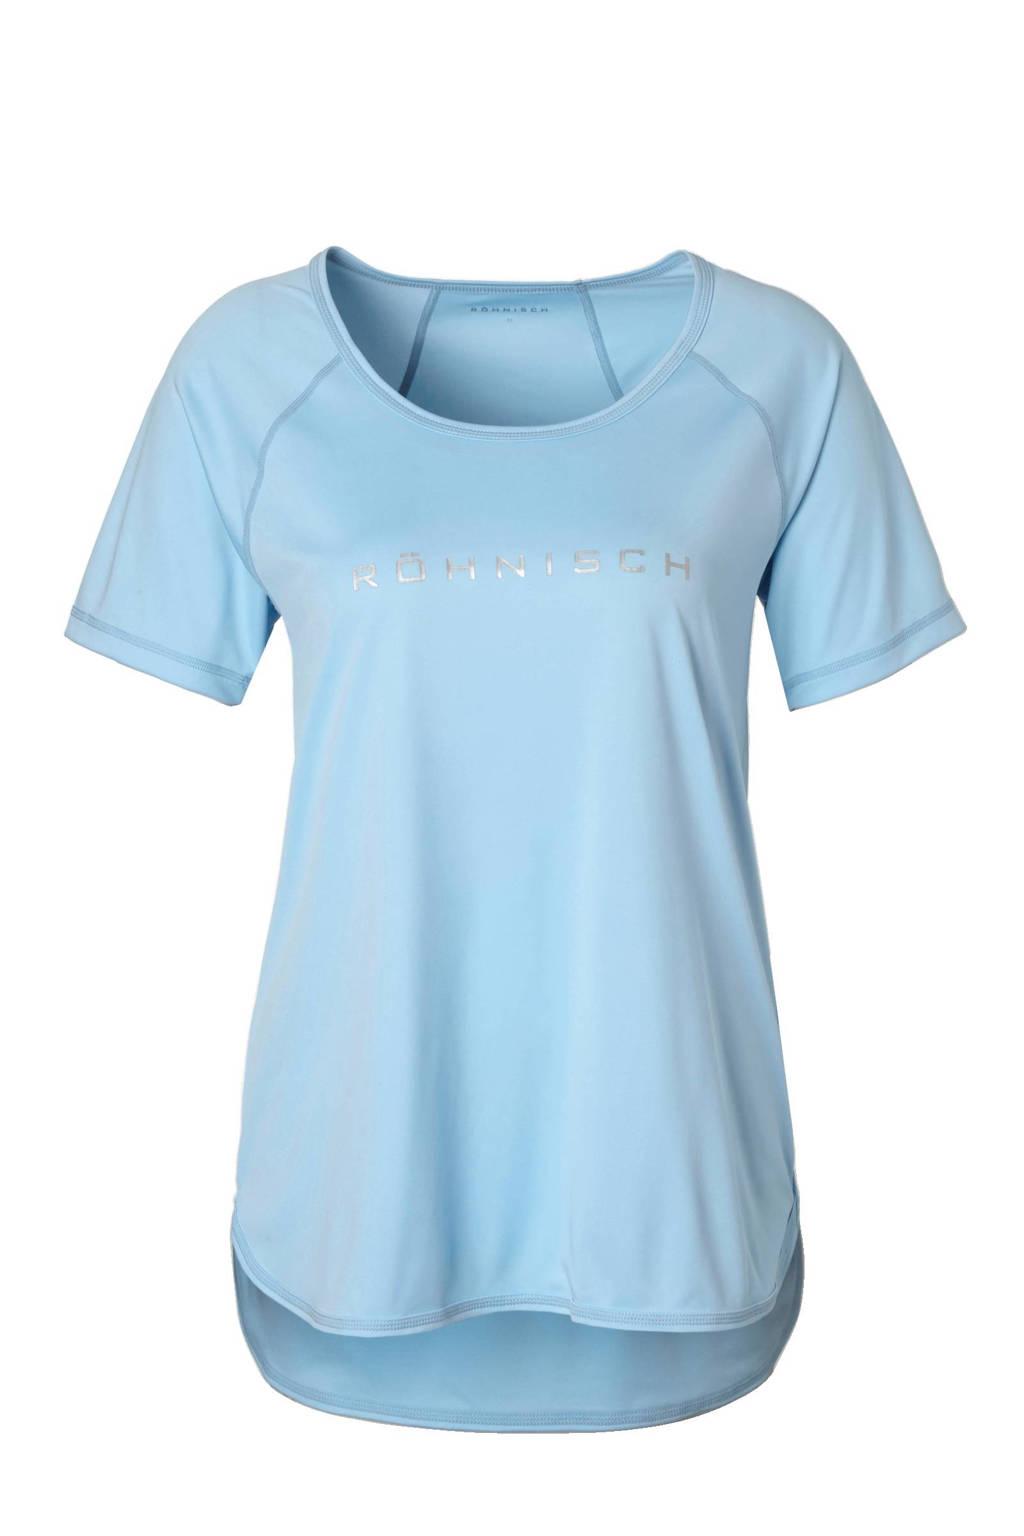 Rohnisch sport T-shirt, Lichtblauw/Zilver